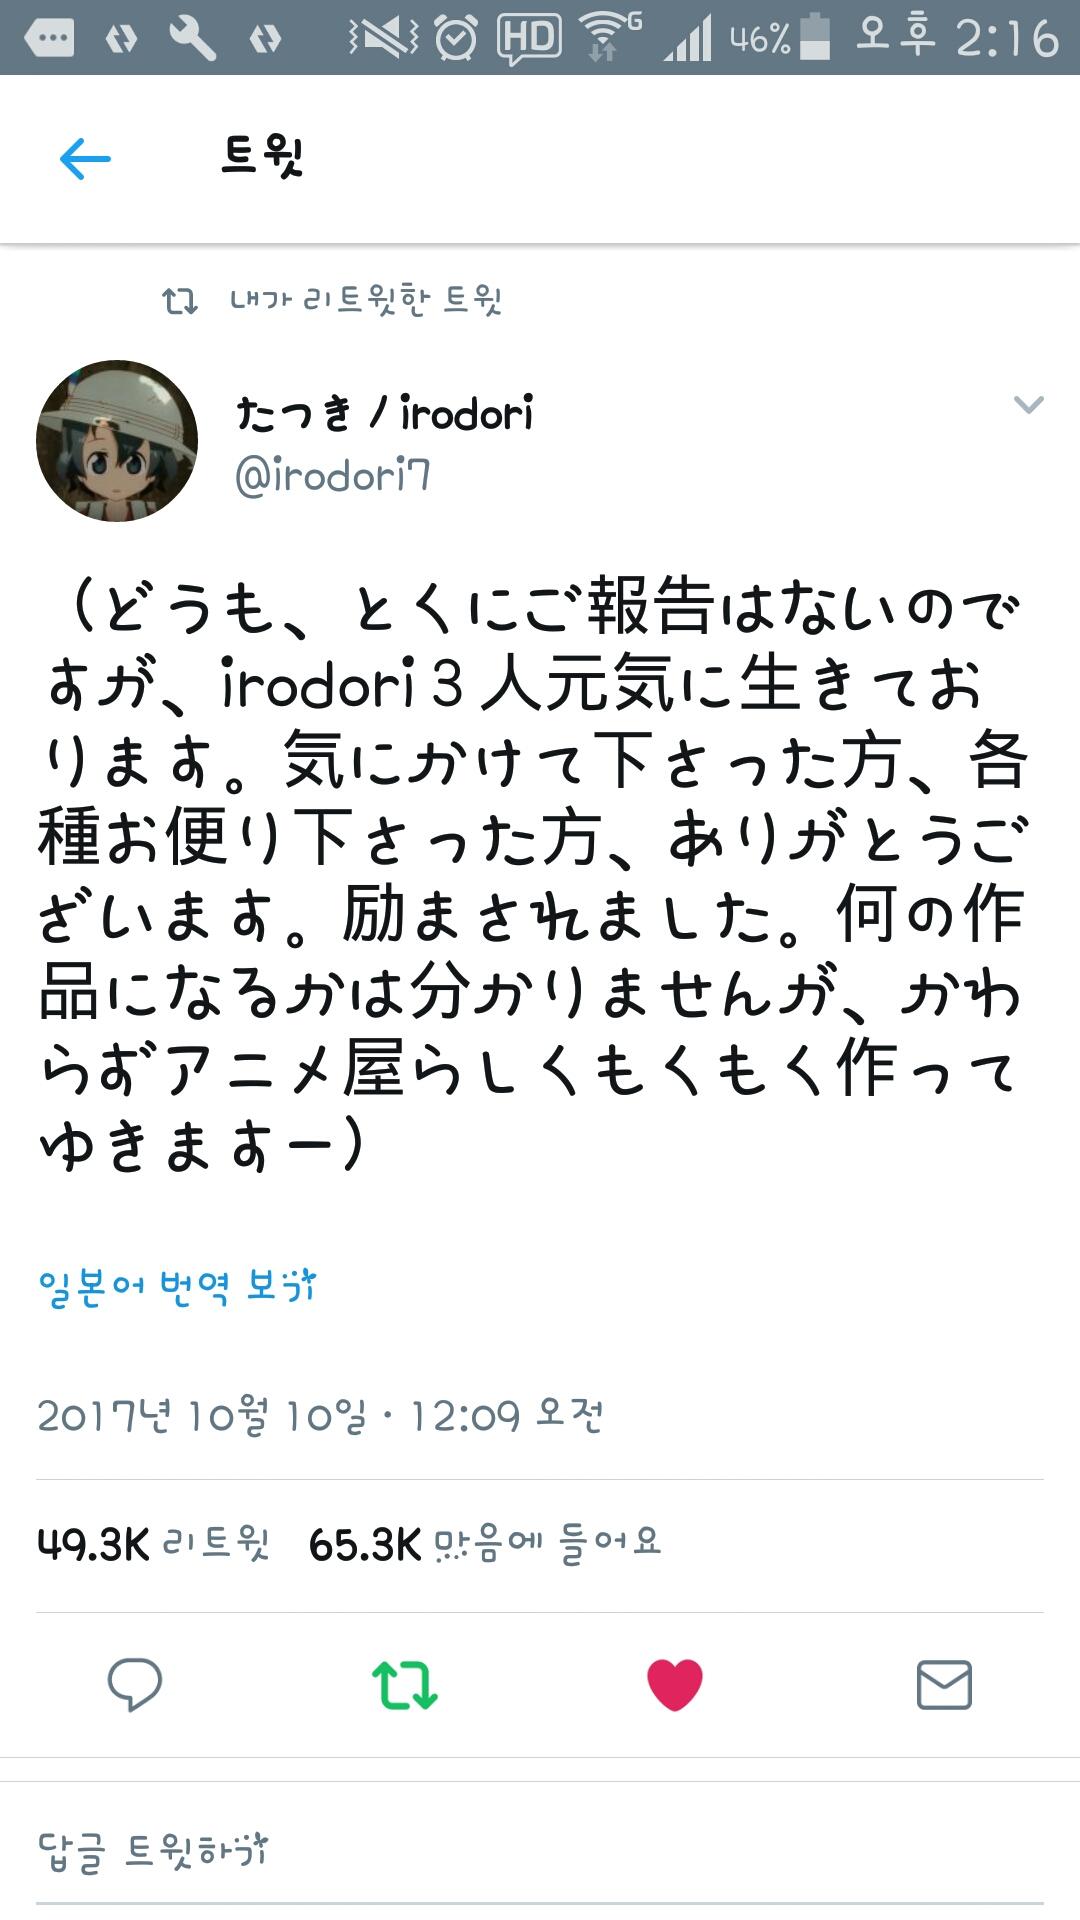 [케모후레] 타츠키 감독, 오랜만에 트윗을 띄우다